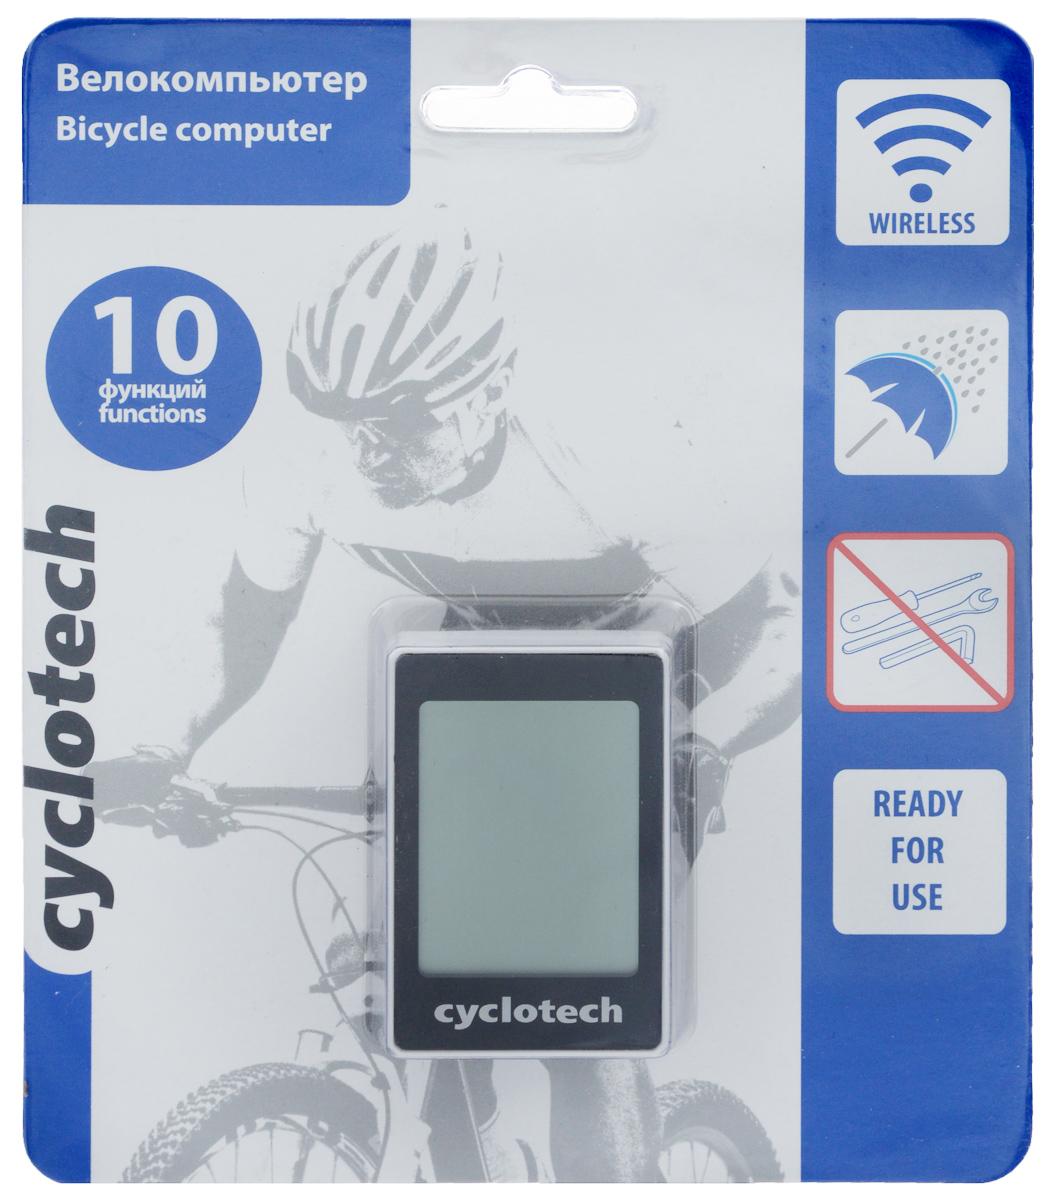 Велокомпьютер Cyclotech, 10 функцийCBC-W10NПроводной велокомпьютер Cyclotech оснащен 10 функциями и предназначен для использования при занятиях велоспортом. Это удобный и простой в использовании электронный прибор, предоставляющий велосипедисту всю необходимую информацию о поездке. Велокомпьютер крепится на руле с возможностью мгновенно отсоединить его, когда нет желания оставлять на велосипеде без присмотра или под дождем. Функции: сравнение скоростей; индикатор низкой зарядки батарей; режим сканирования; память на два велосипеда; автоматическое выключение; часы; режим энергосбережения; время текущей поездки; расчет экономии СО2.